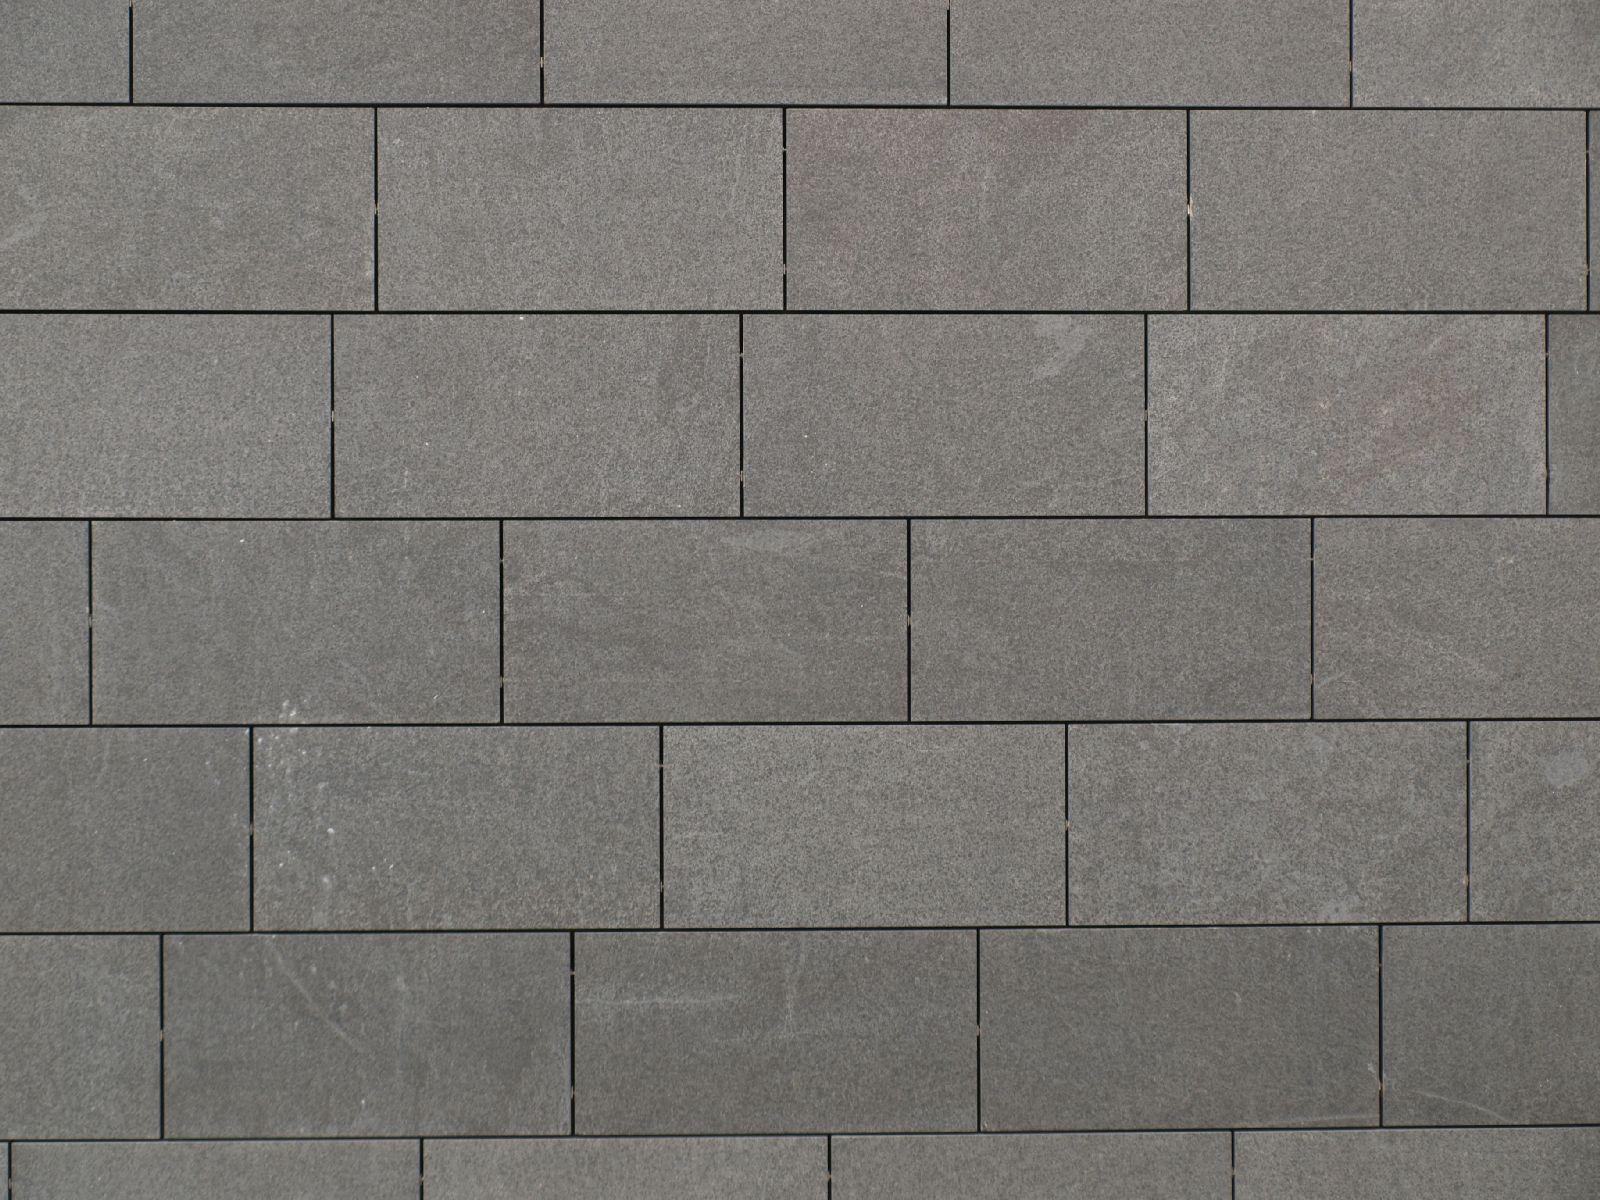 Wand-Steinbloecke-Quader_Textur_A_P6218436